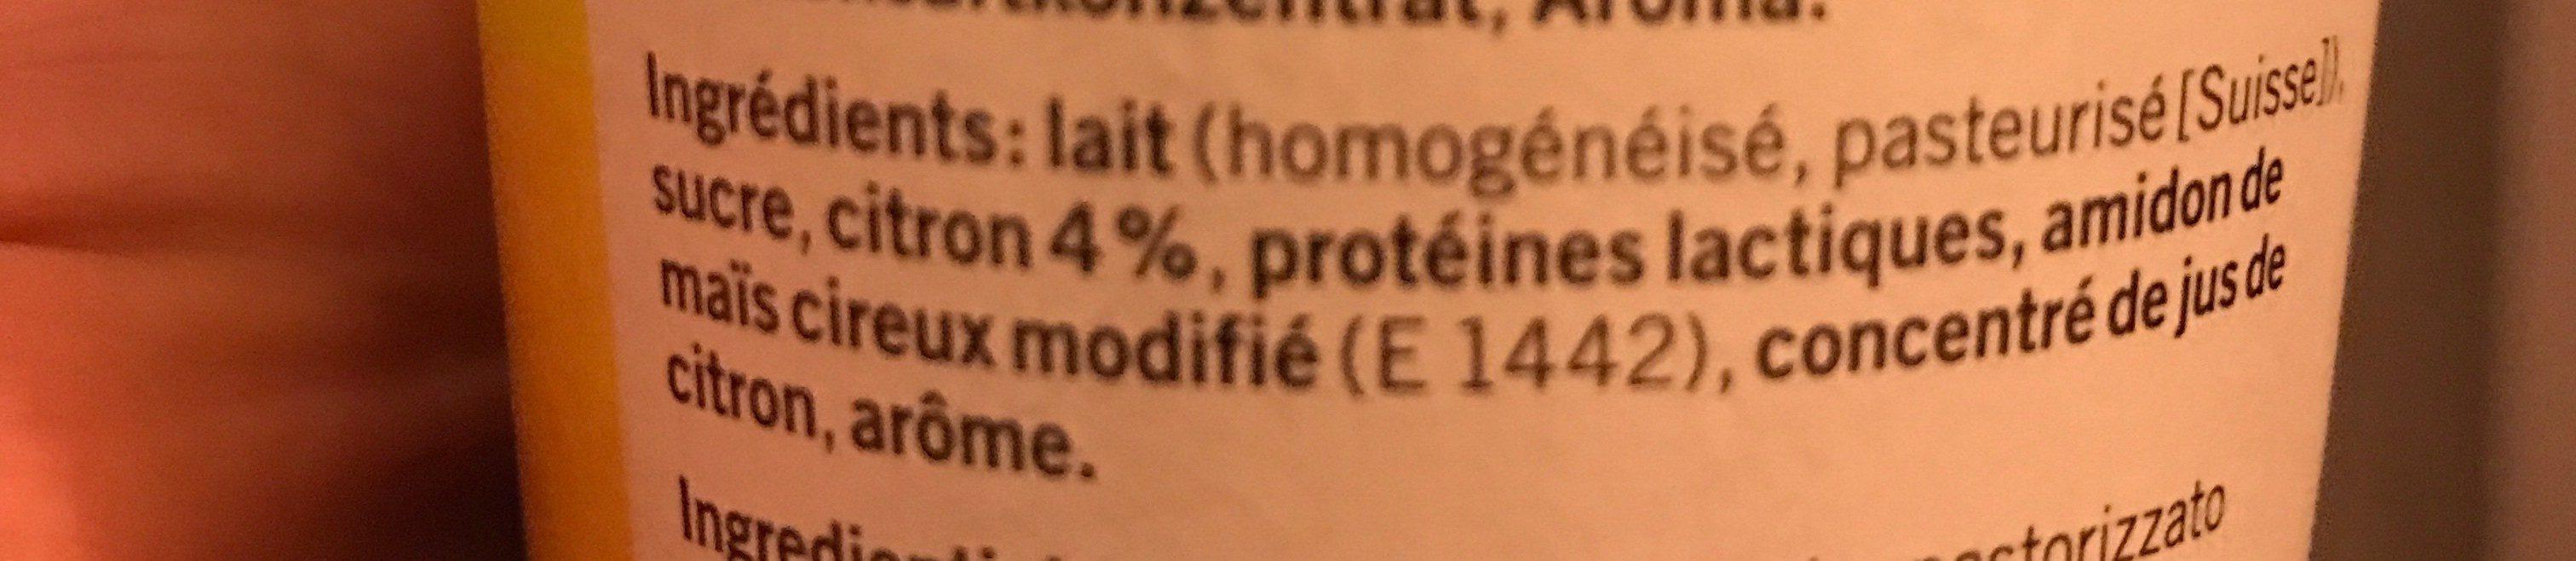 Yougurt au citron - Ingrédients